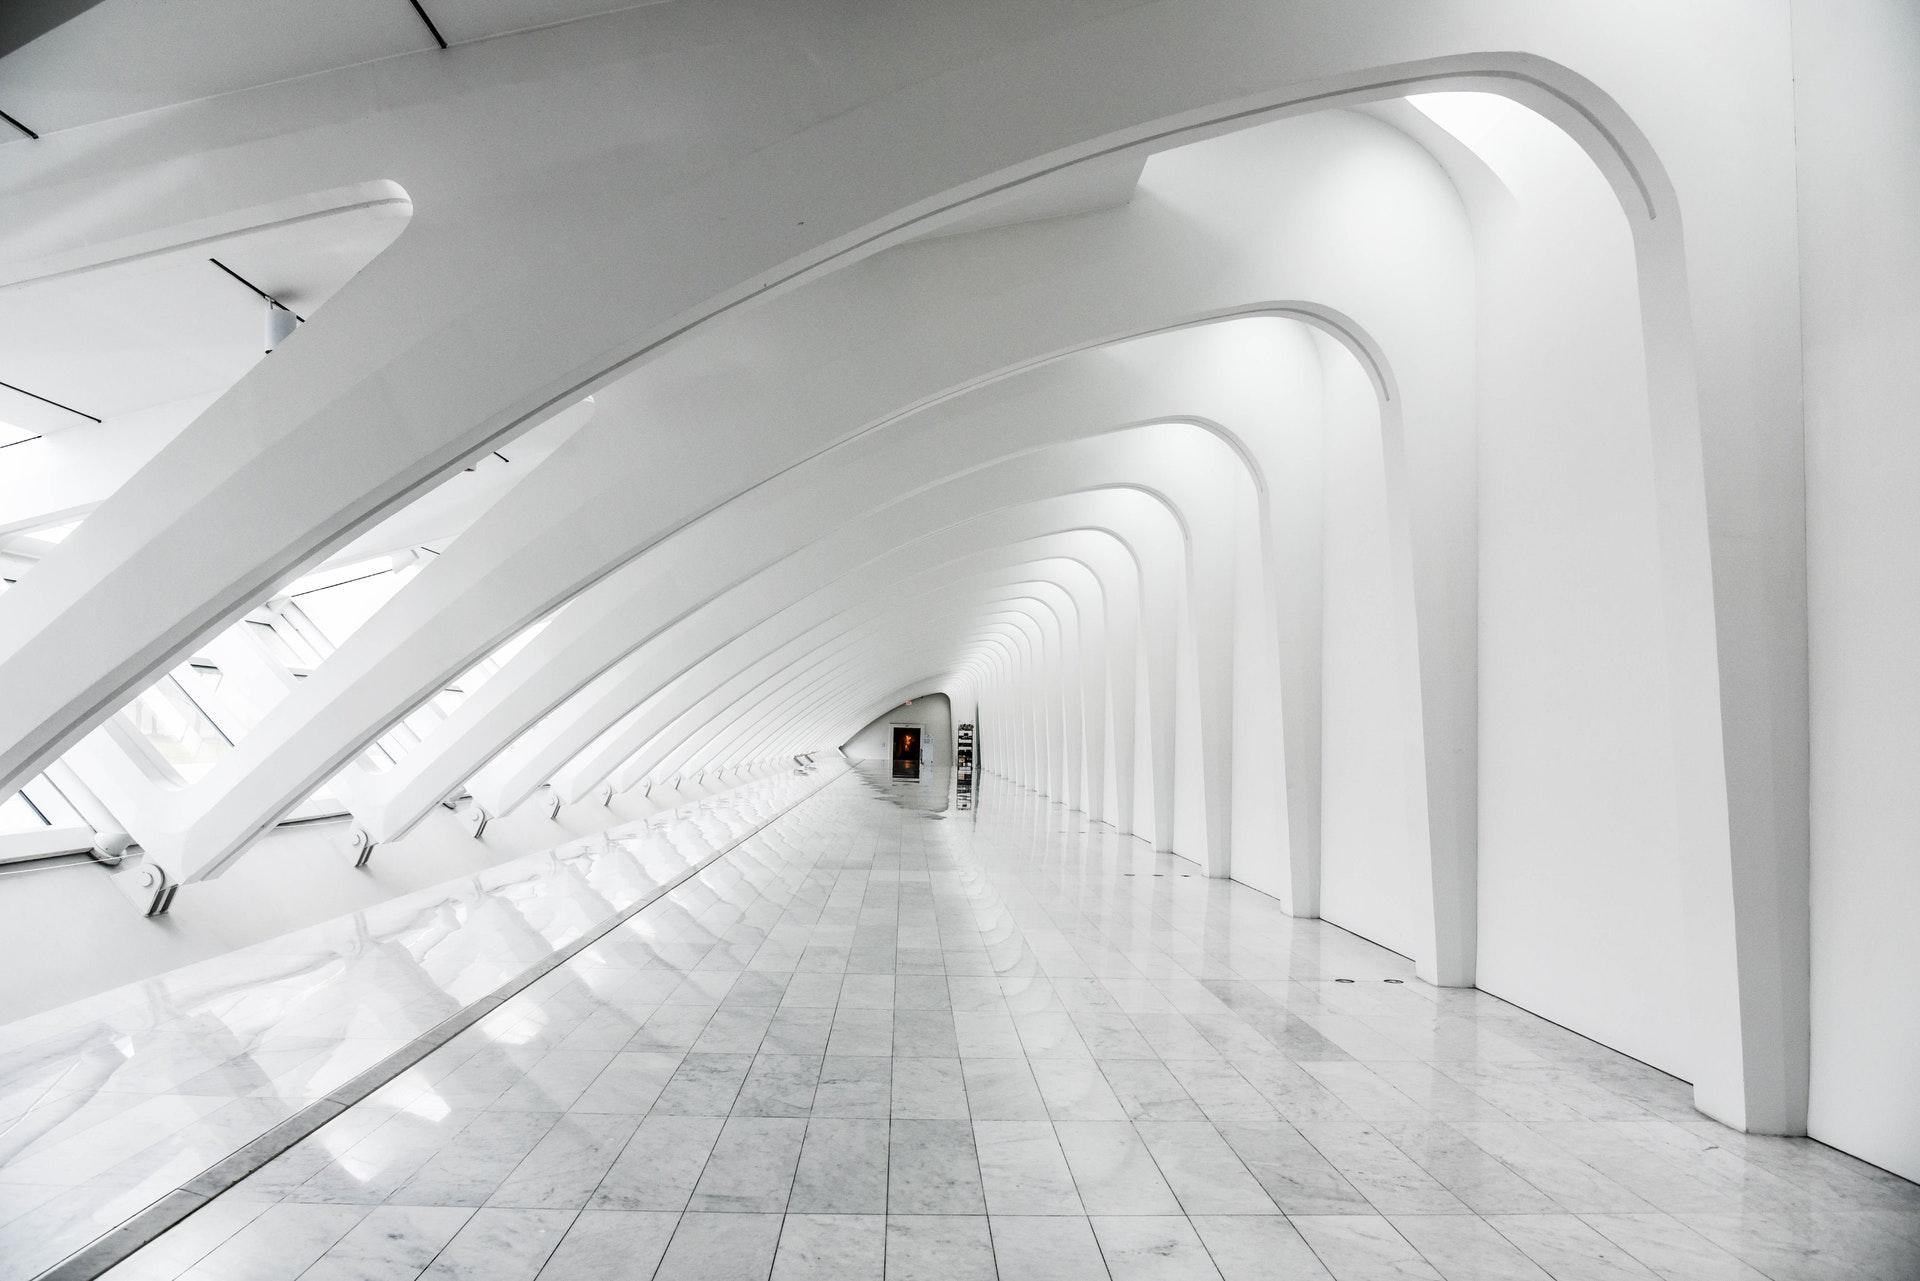 Arquitecturas limpias y DDD, un recorrido práctico. Parte 1